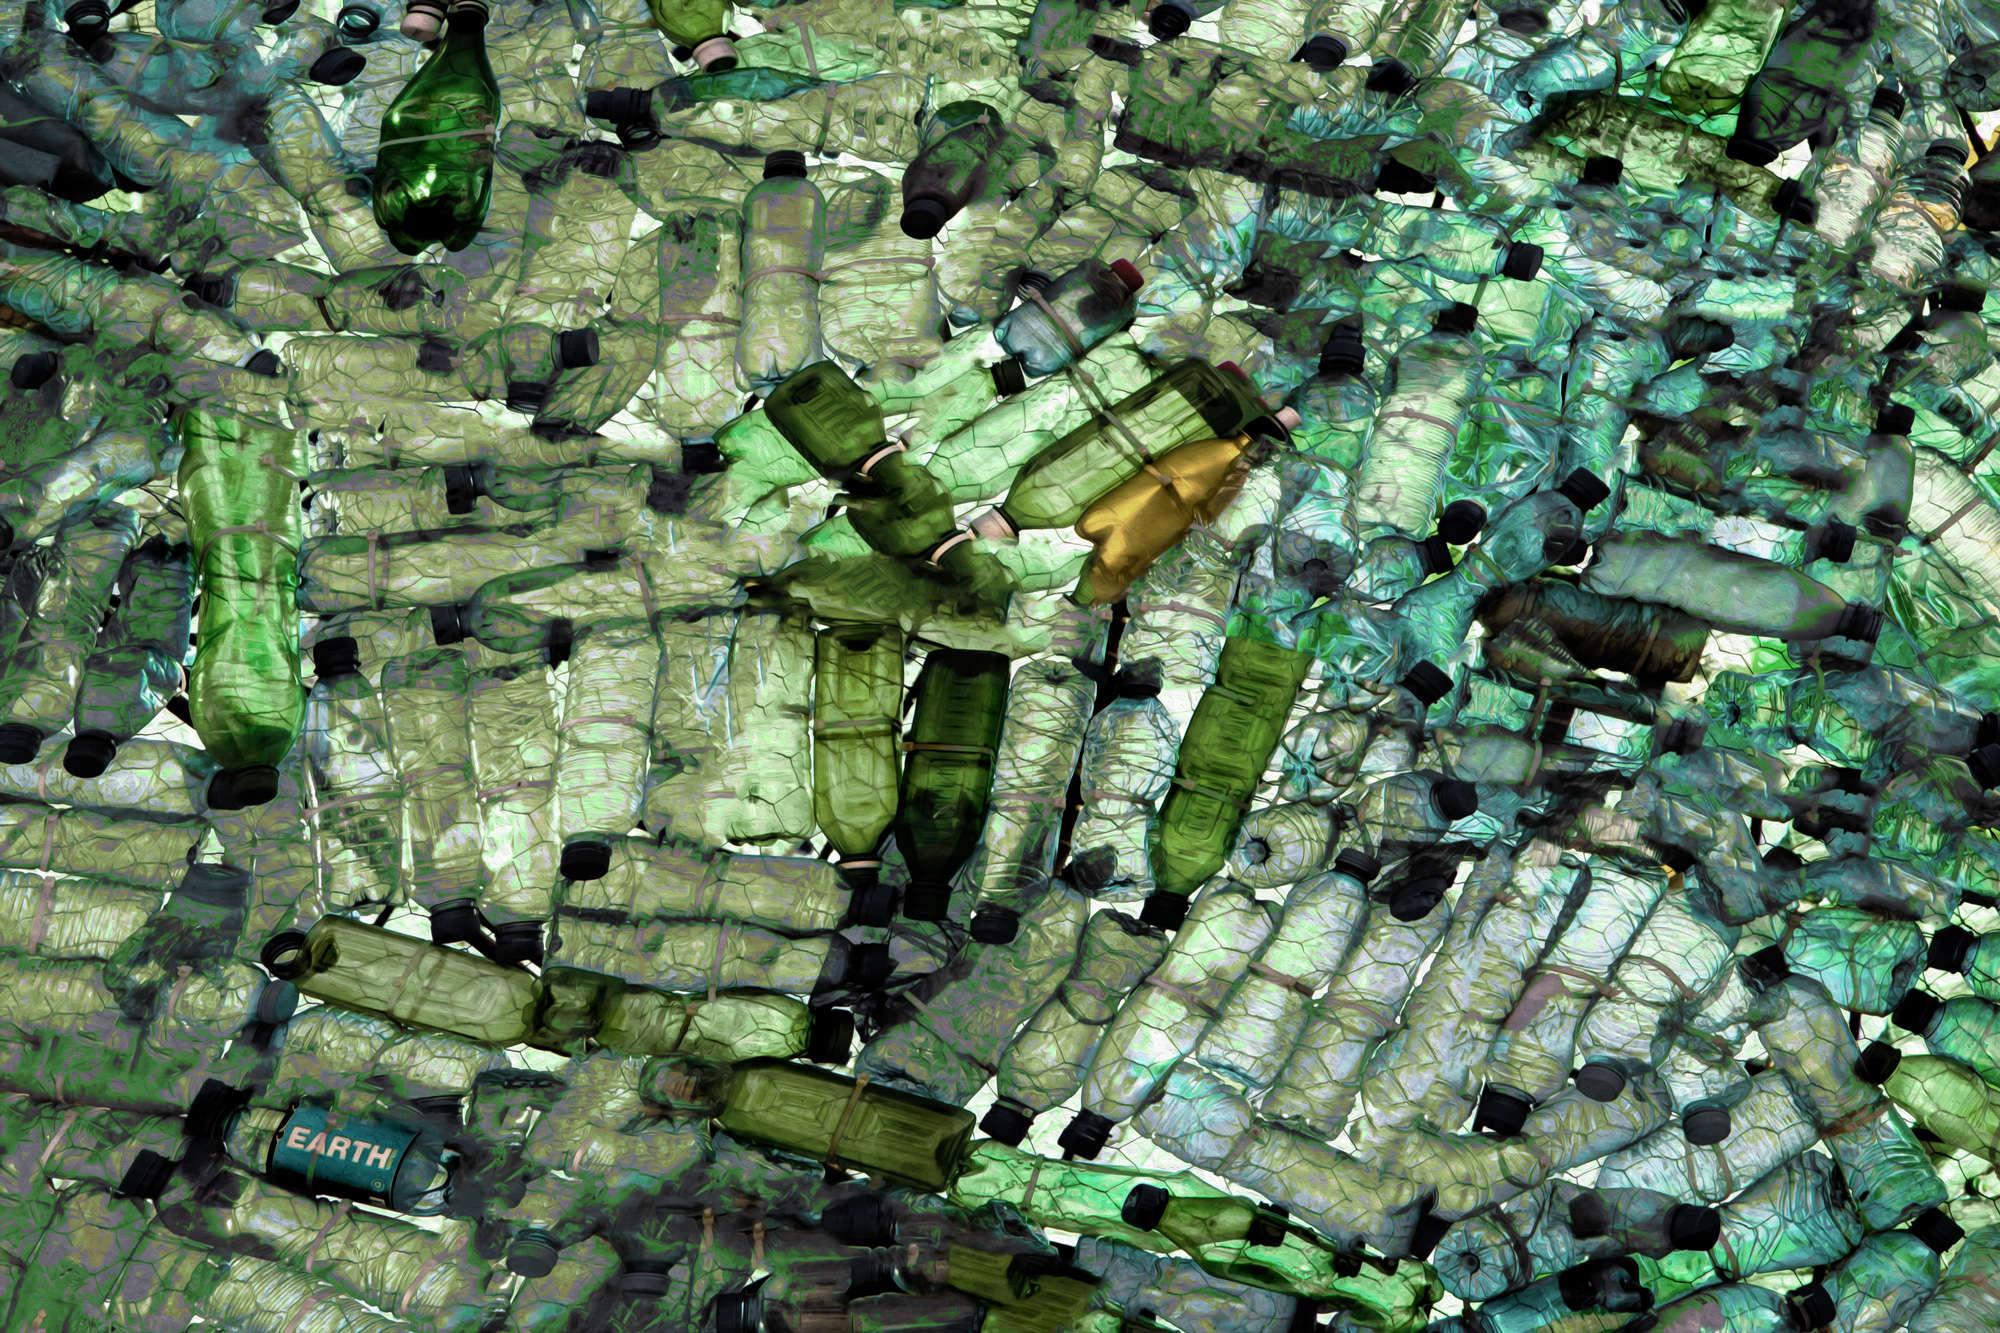 Gilbert Claes - Sea of Bottles